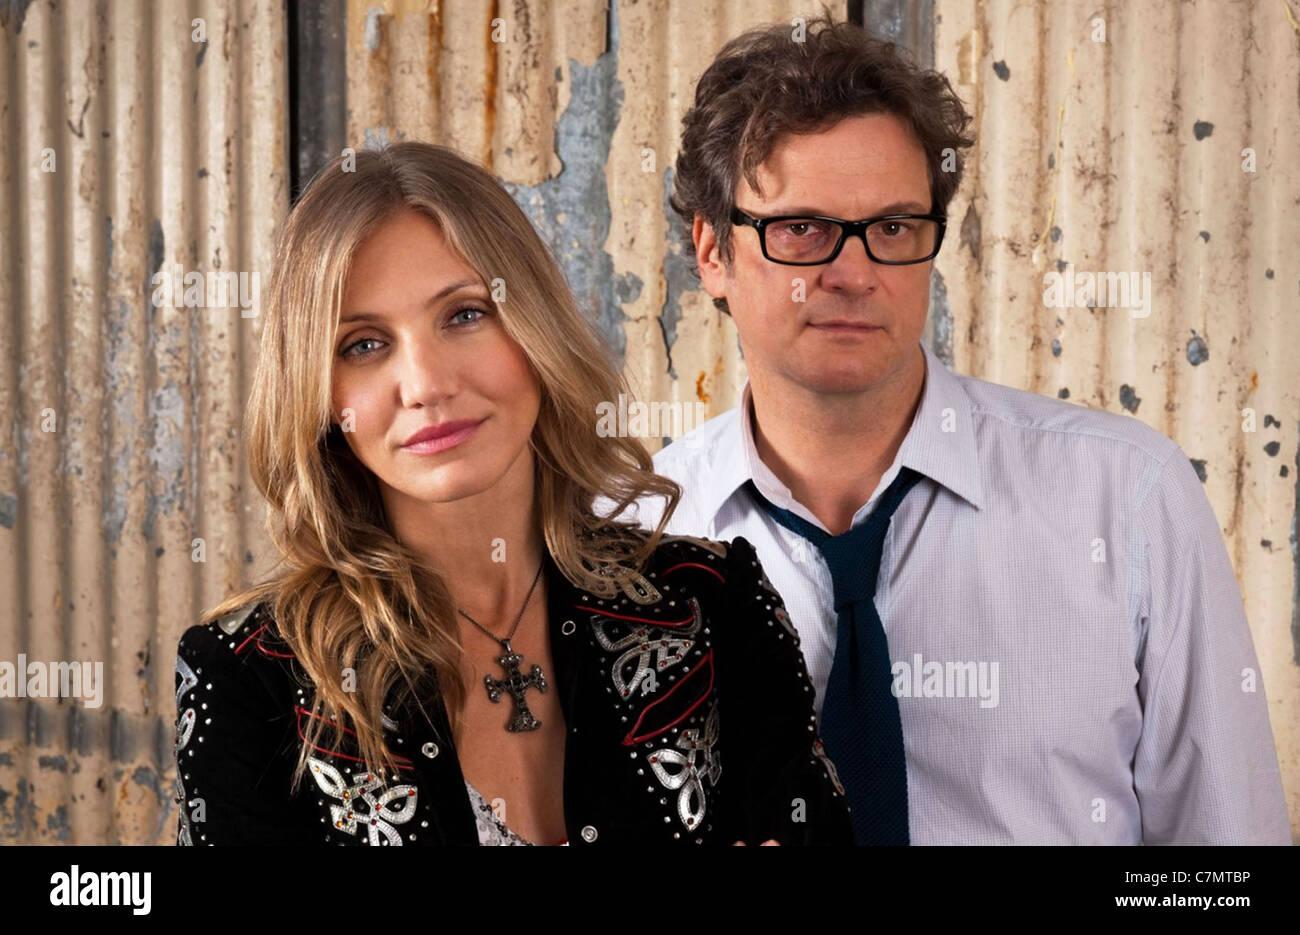 GAMBIT 2012 Kriminalität Szene Bilder Film mit Cameron Diaz und Colin Firth Stockbild